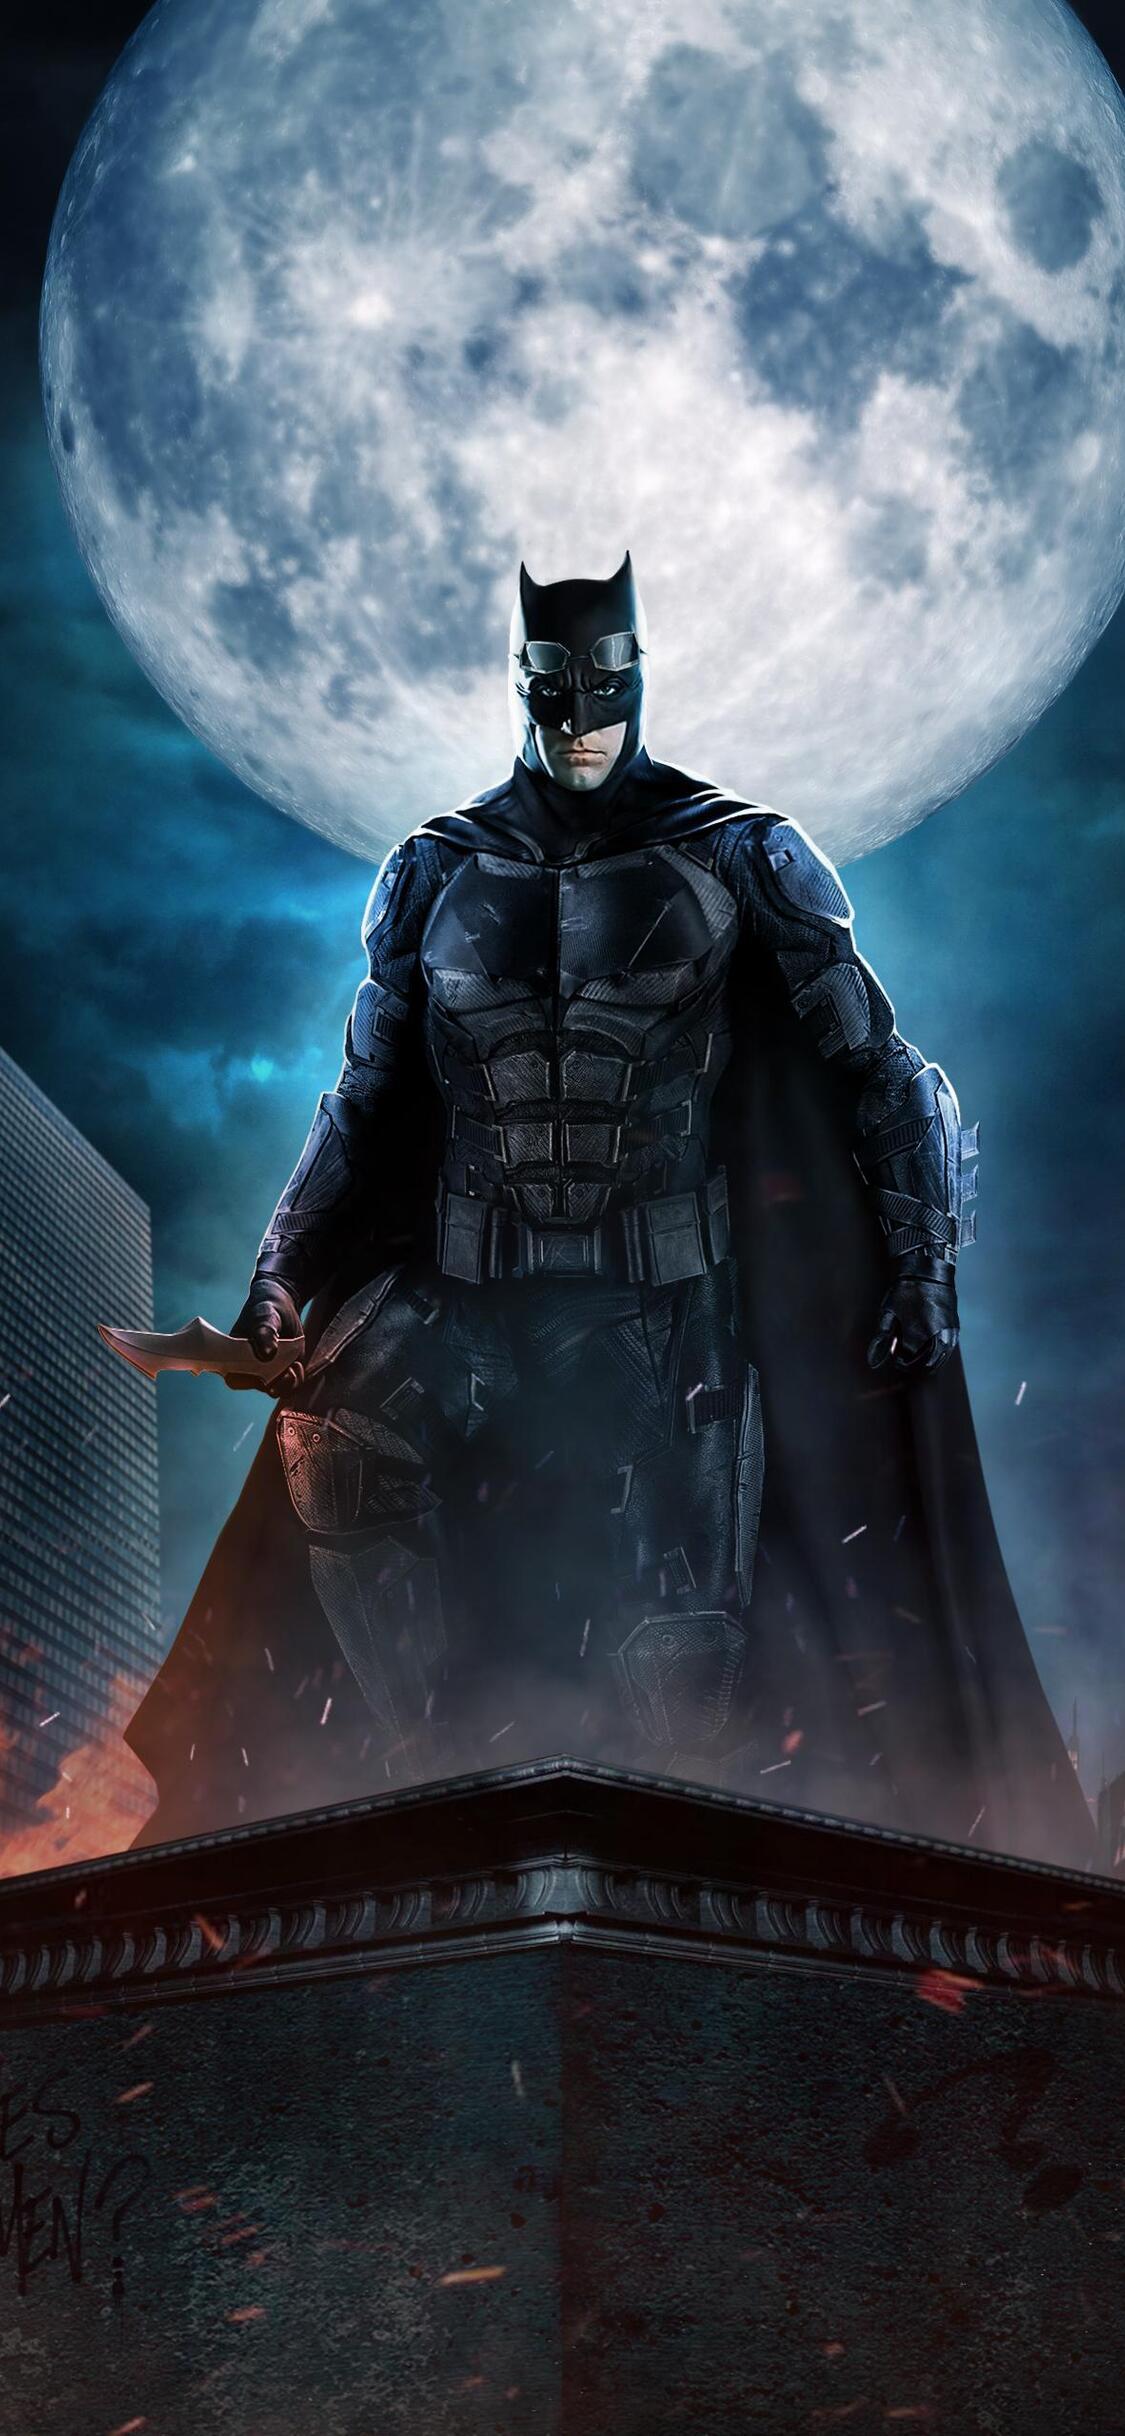 Justice League Batman The Dark Knight Fan Art